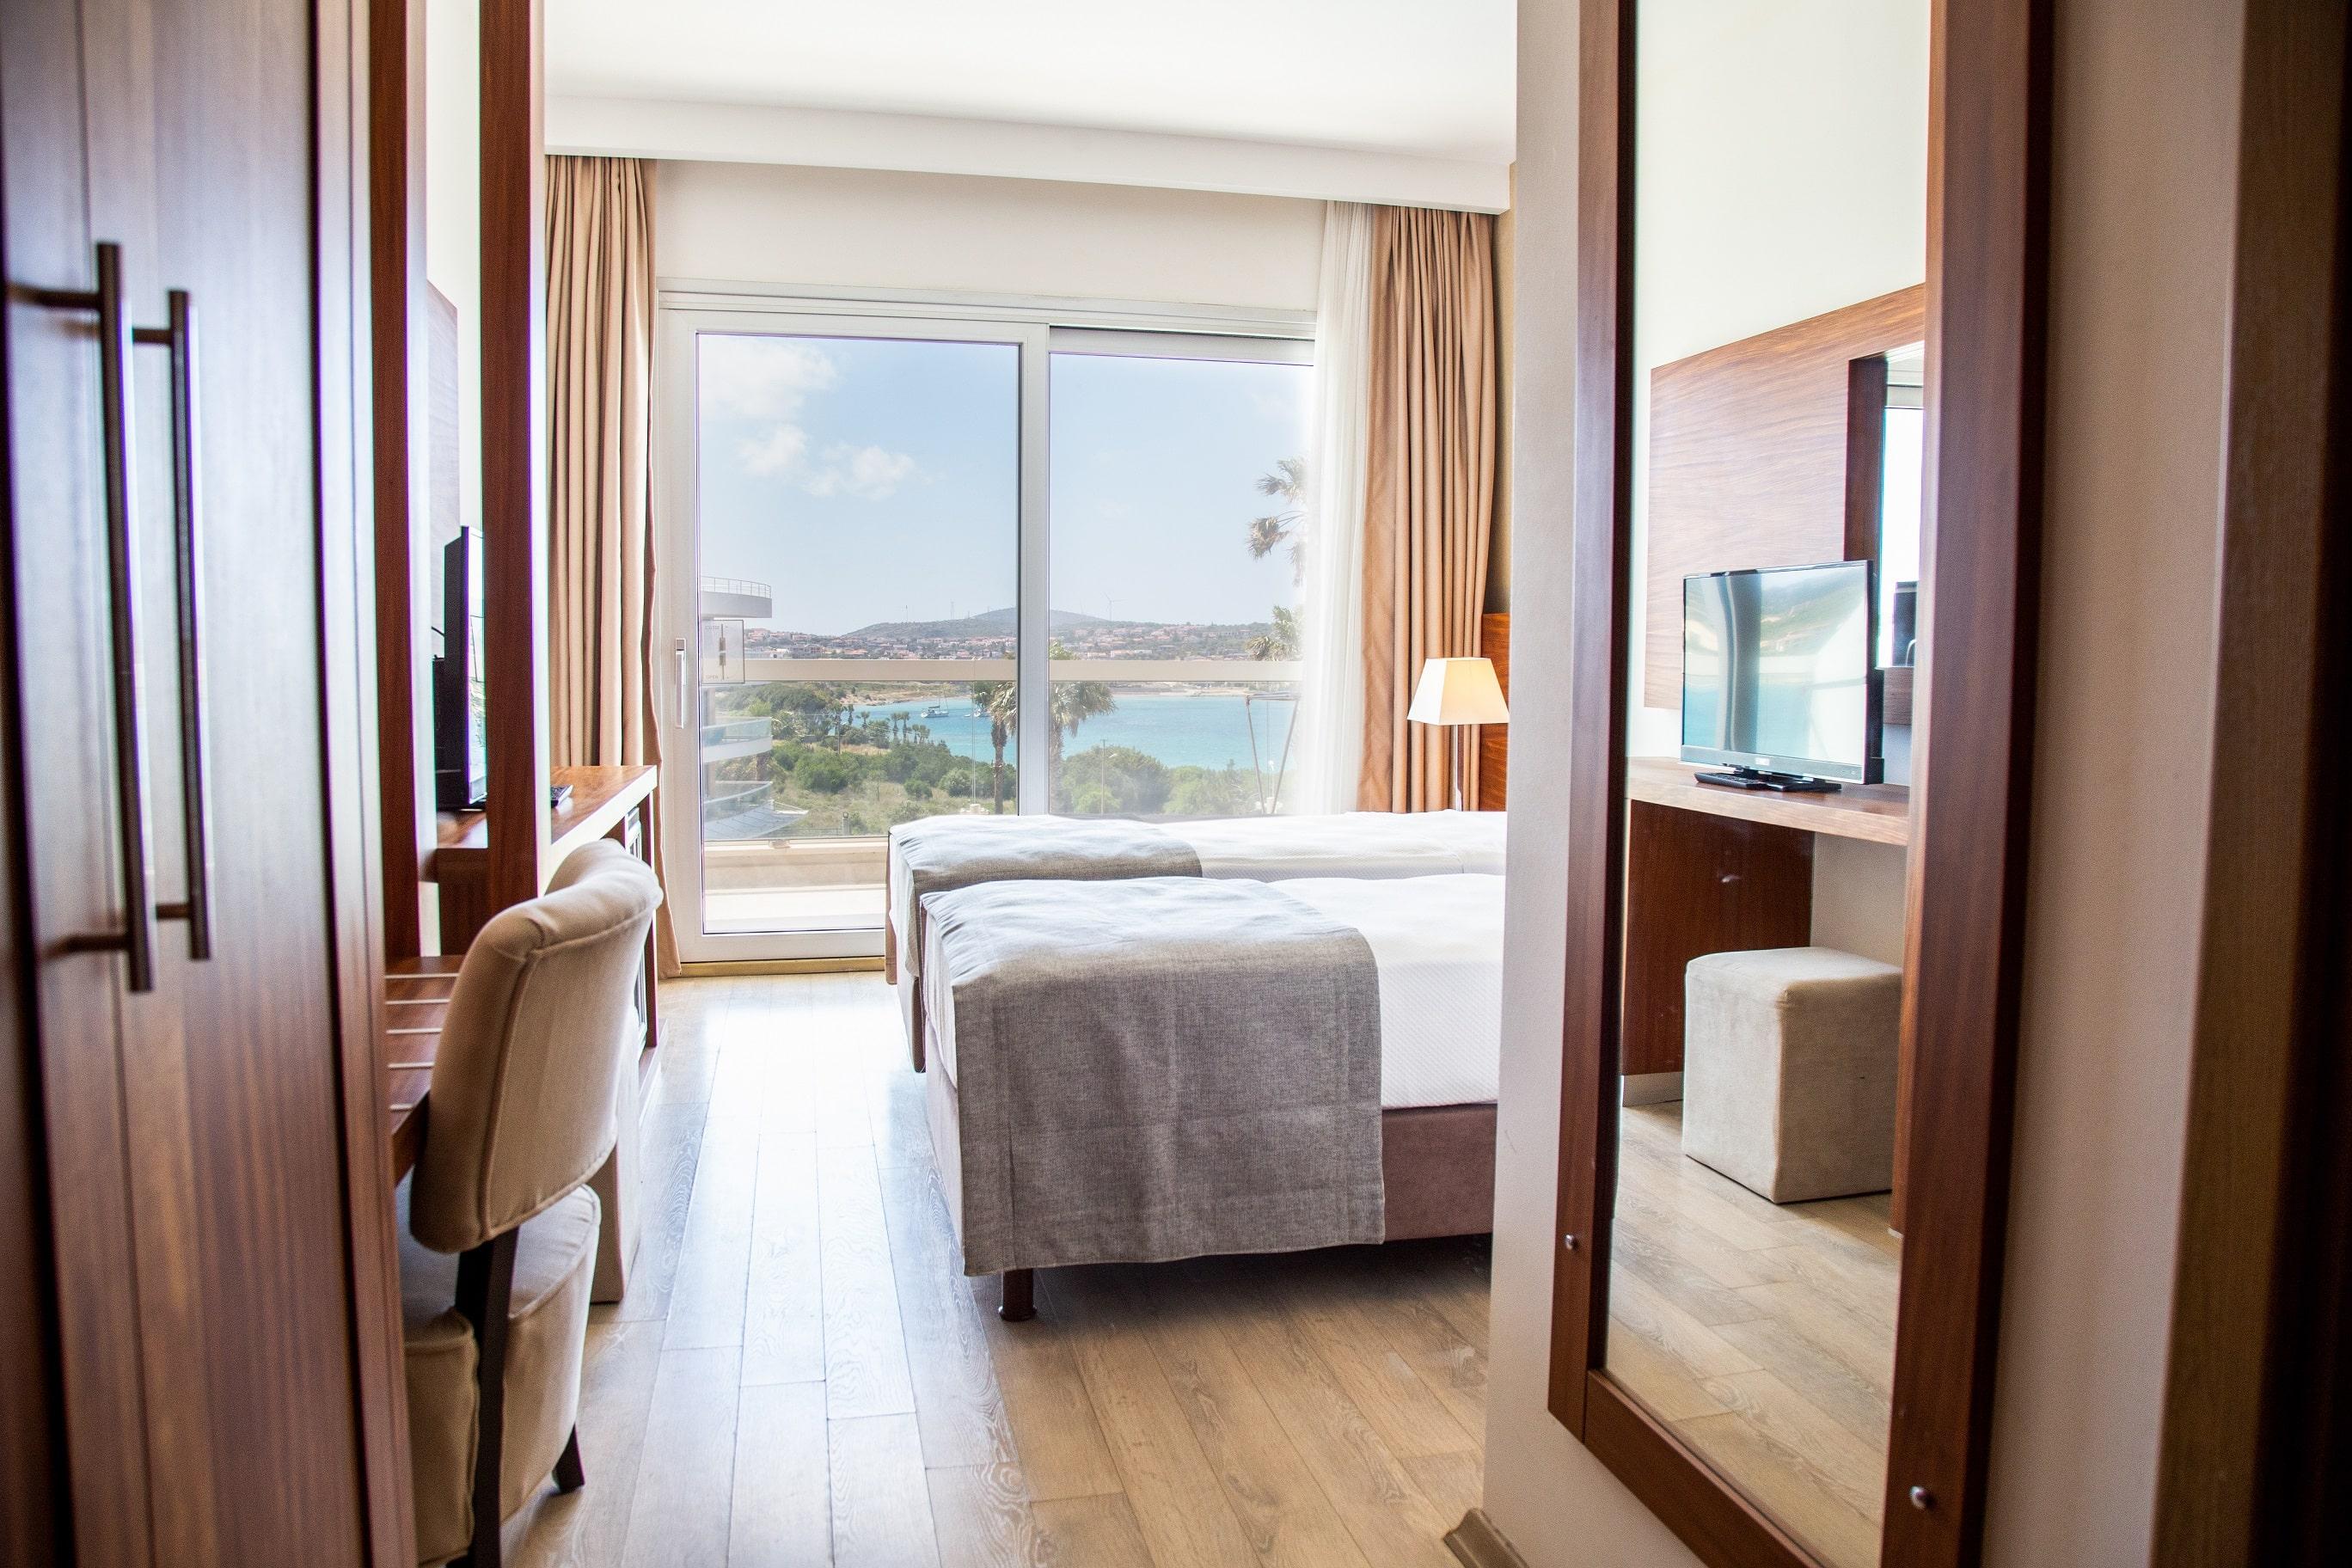 casa-de-playa-hotel-deluxe-oda-3